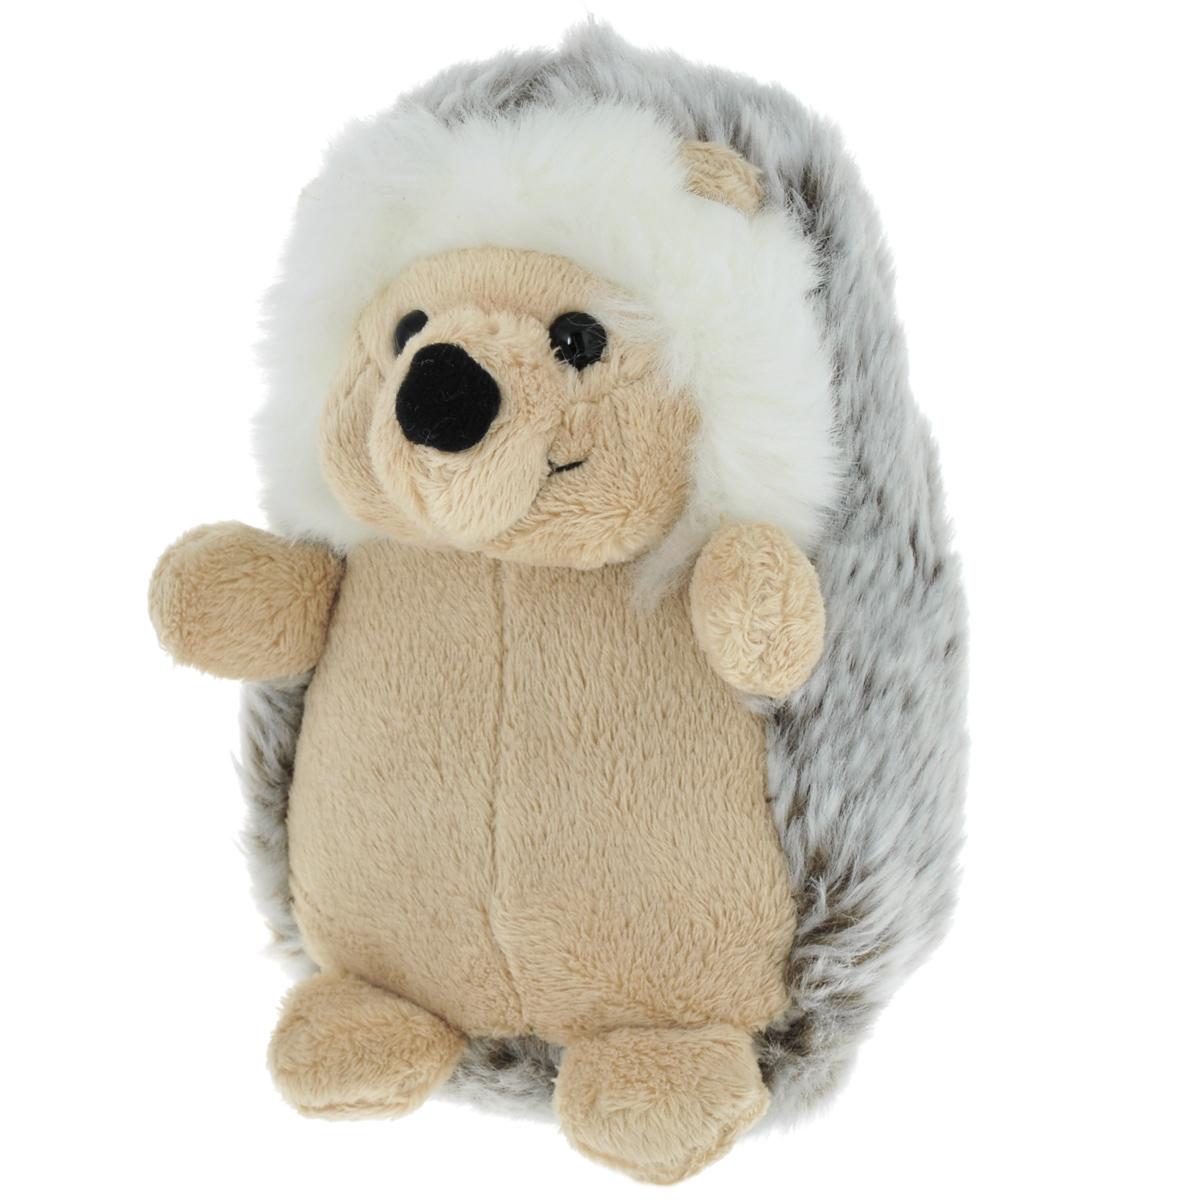 Мягкая игрушка Gulliver Ежик, цвет: бежевый, светло-коричневый, белый, 15 см21-924111бежОчаровательная мягкая игрушка Gulliver Ежик, выполненная в виде забавного маленького ежонка, вызовет умиление и улыбку у каждого, кто ее увидит. Она станет замечательным подарком, как ребенку, так и взрослому. Удивительно мягкая игрушка принесет радость и подарит своему обладателю мгновения нежных объятий и приятных воспоминаний. Специальные гранулы, используемые при ее набивке, способствуют развитию мелкой моторики рук малыша. Великолепное качество исполнения делают эту игрушку чудесным подарком к любому празднику.